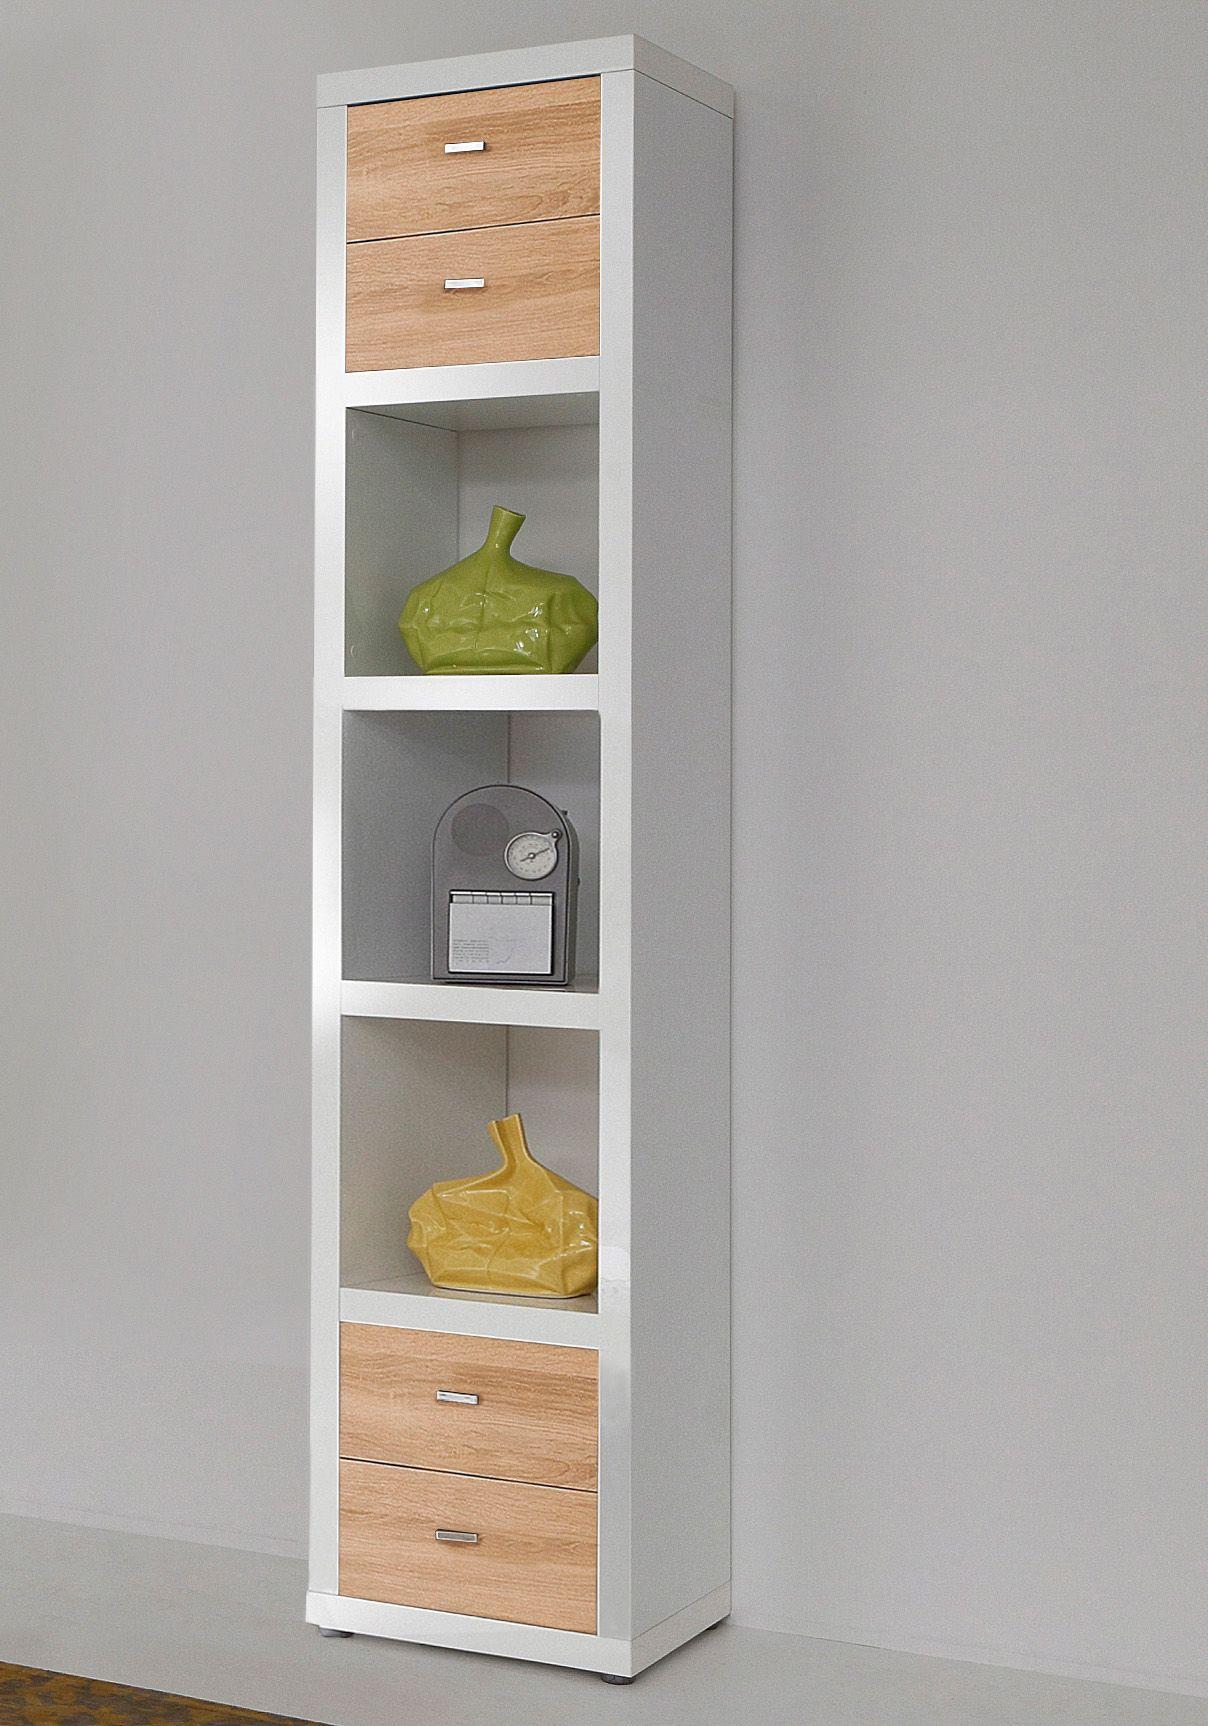 regal g nstig online kaufen beim schwab versand. Black Bedroom Furniture Sets. Home Design Ideas